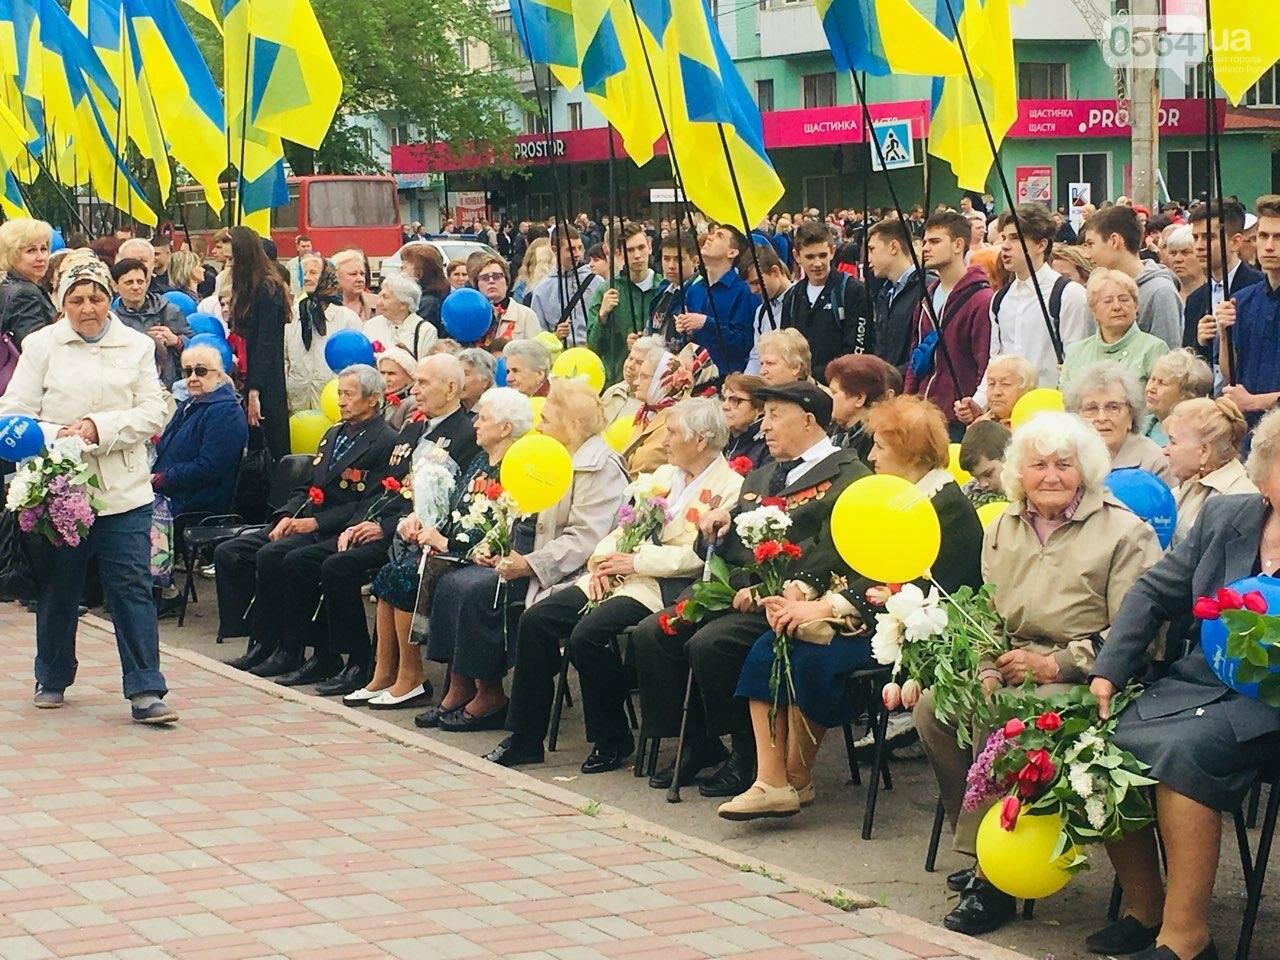 """9 мая в Кривом Роге: """"Марш мира"""" в Покровском районе стал самым массовым мероприятием, - ФОТО, фото-22"""